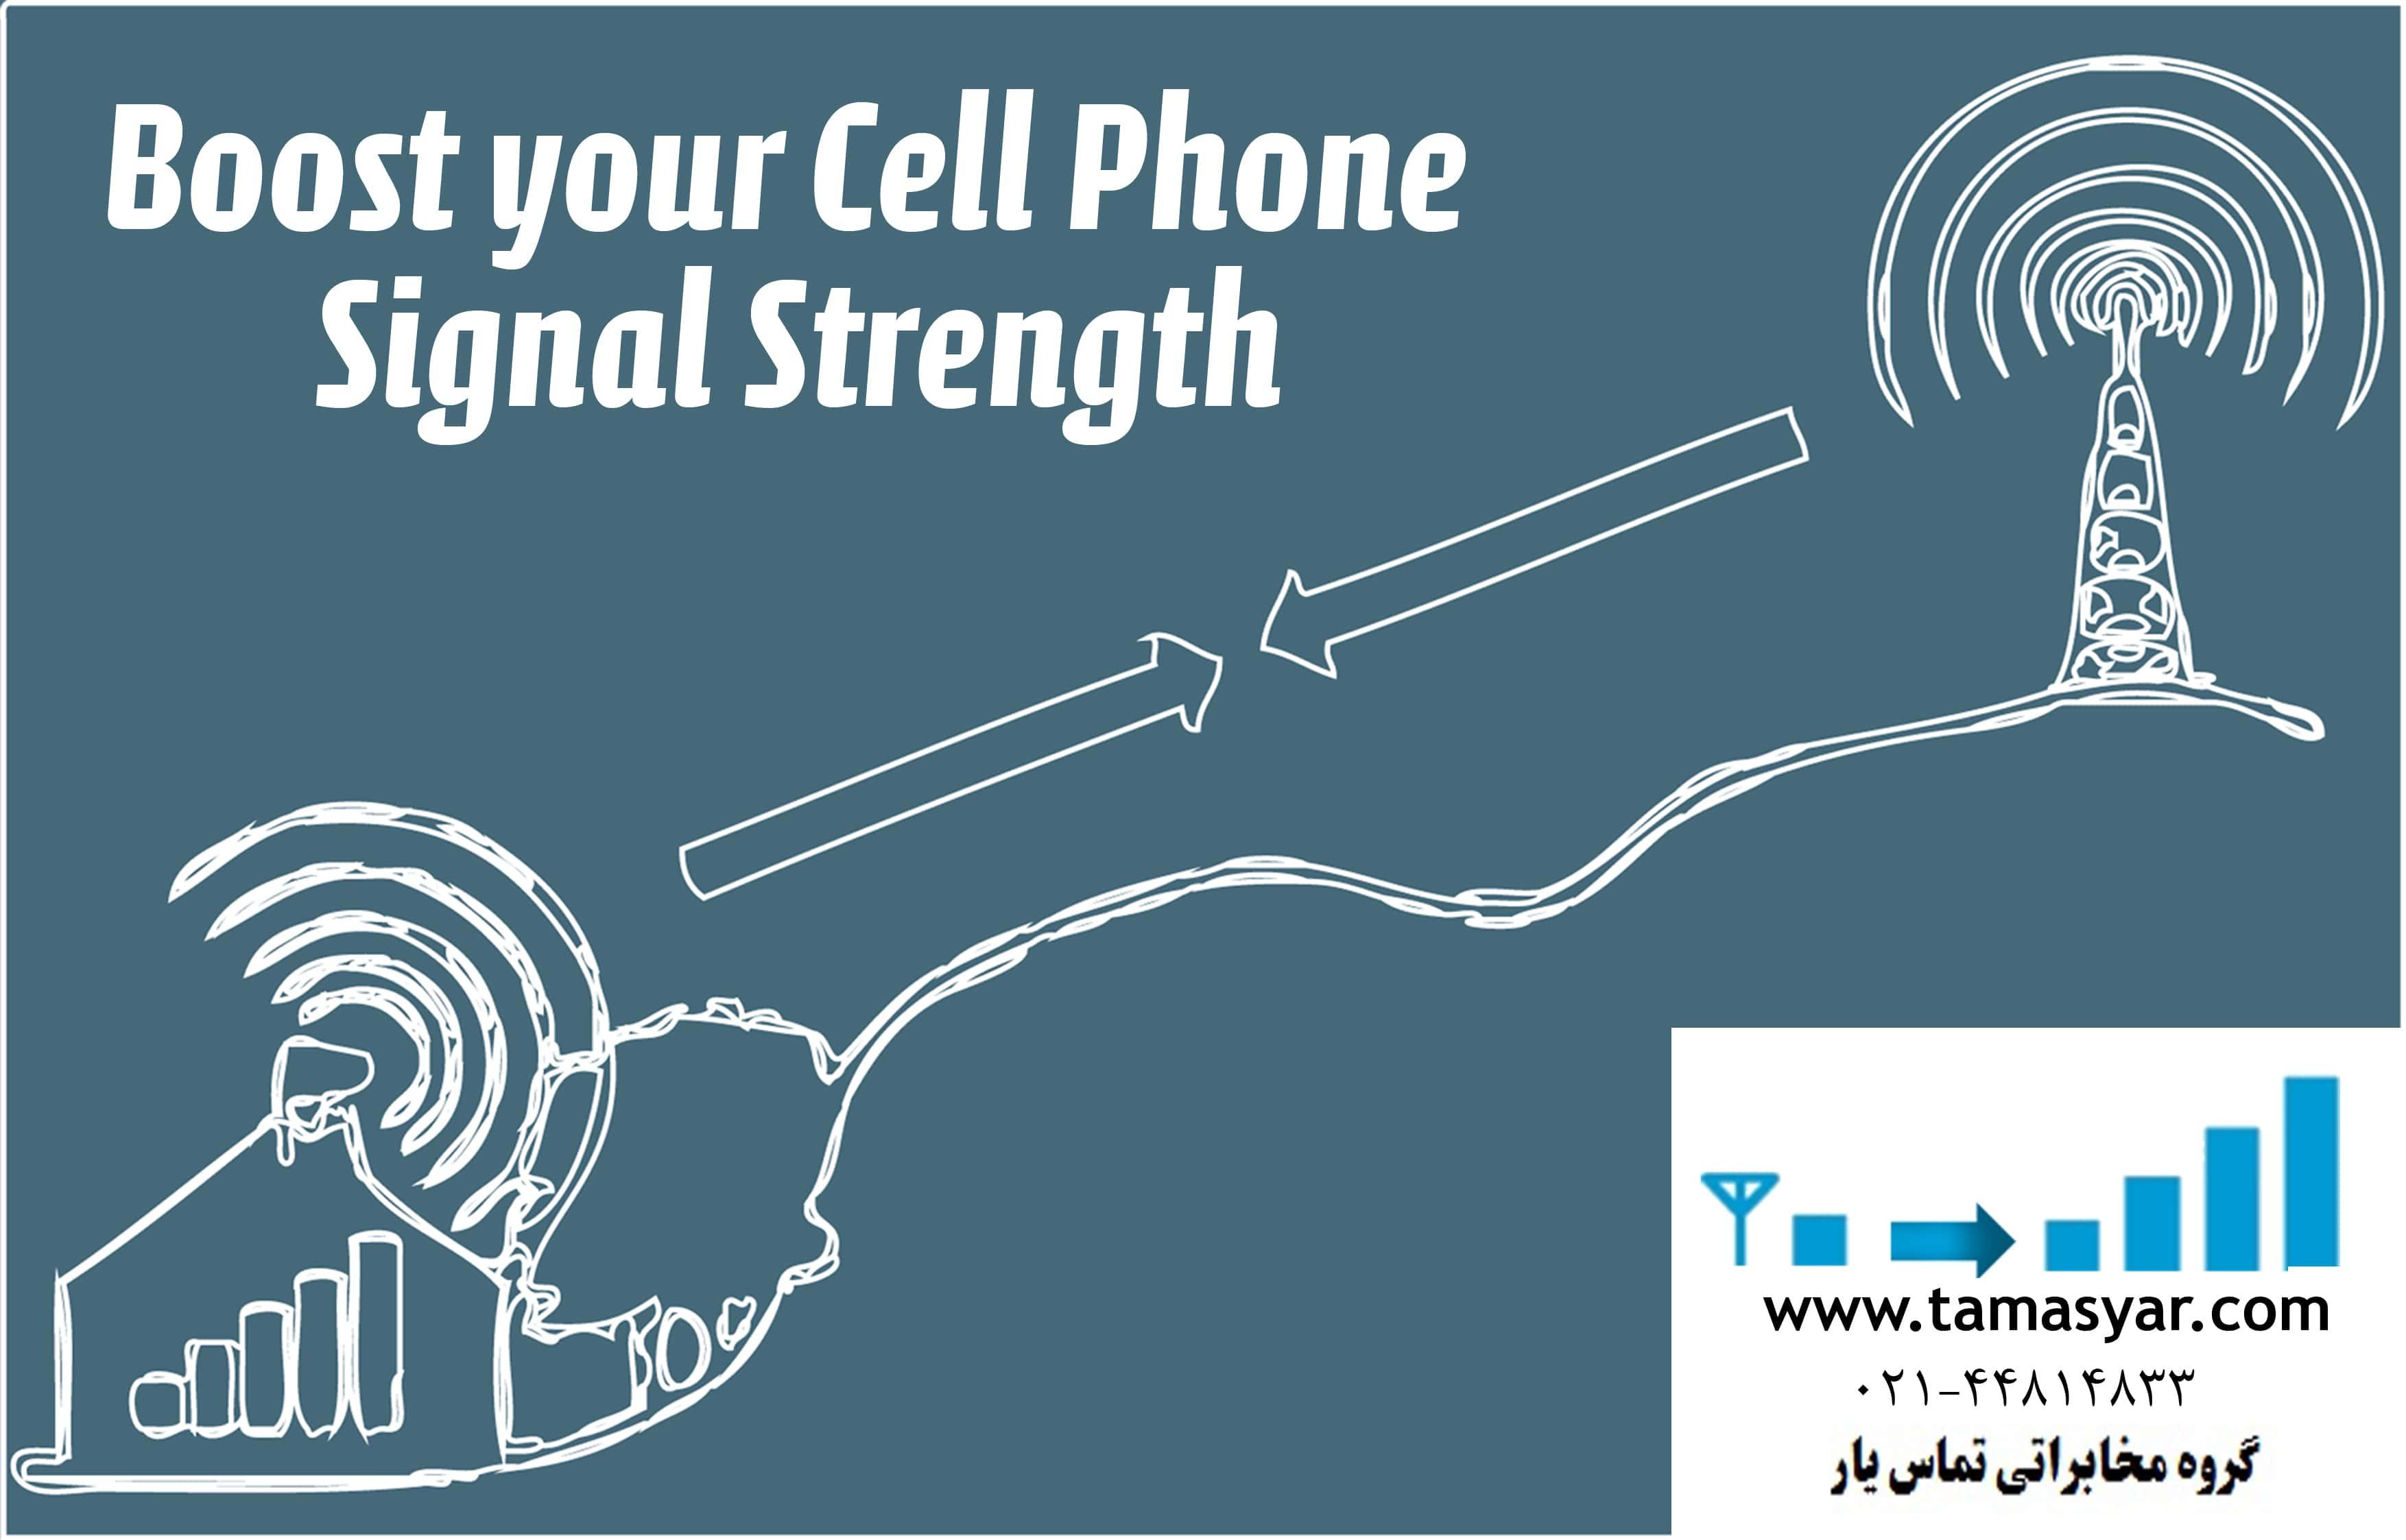 تقویت امواج گوشی